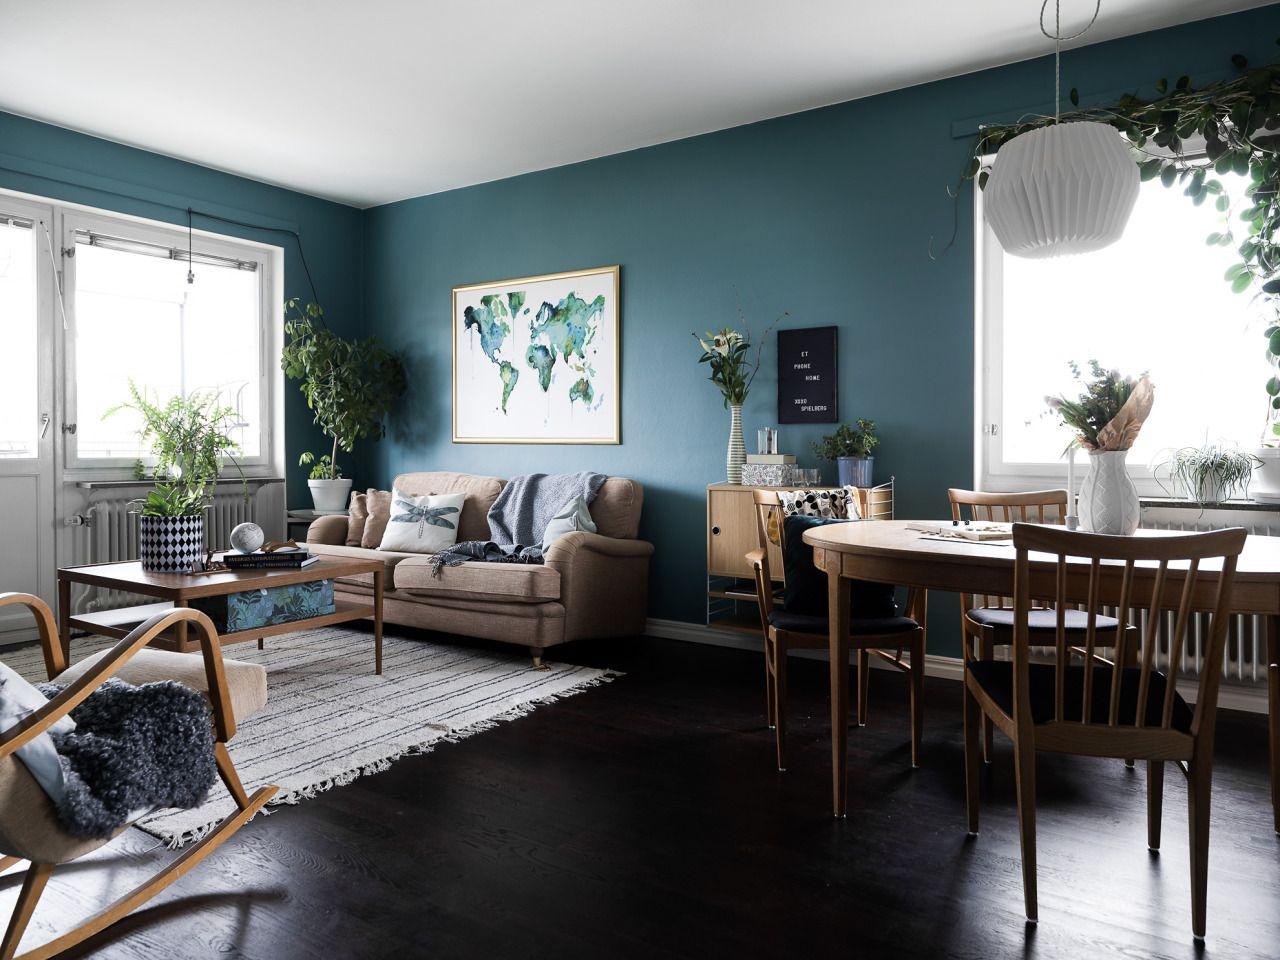 Gestaltung Wohnzimmer ~ Schlichtes wohnzimmer mit modernen möbeln gestaltung wohnzimmer